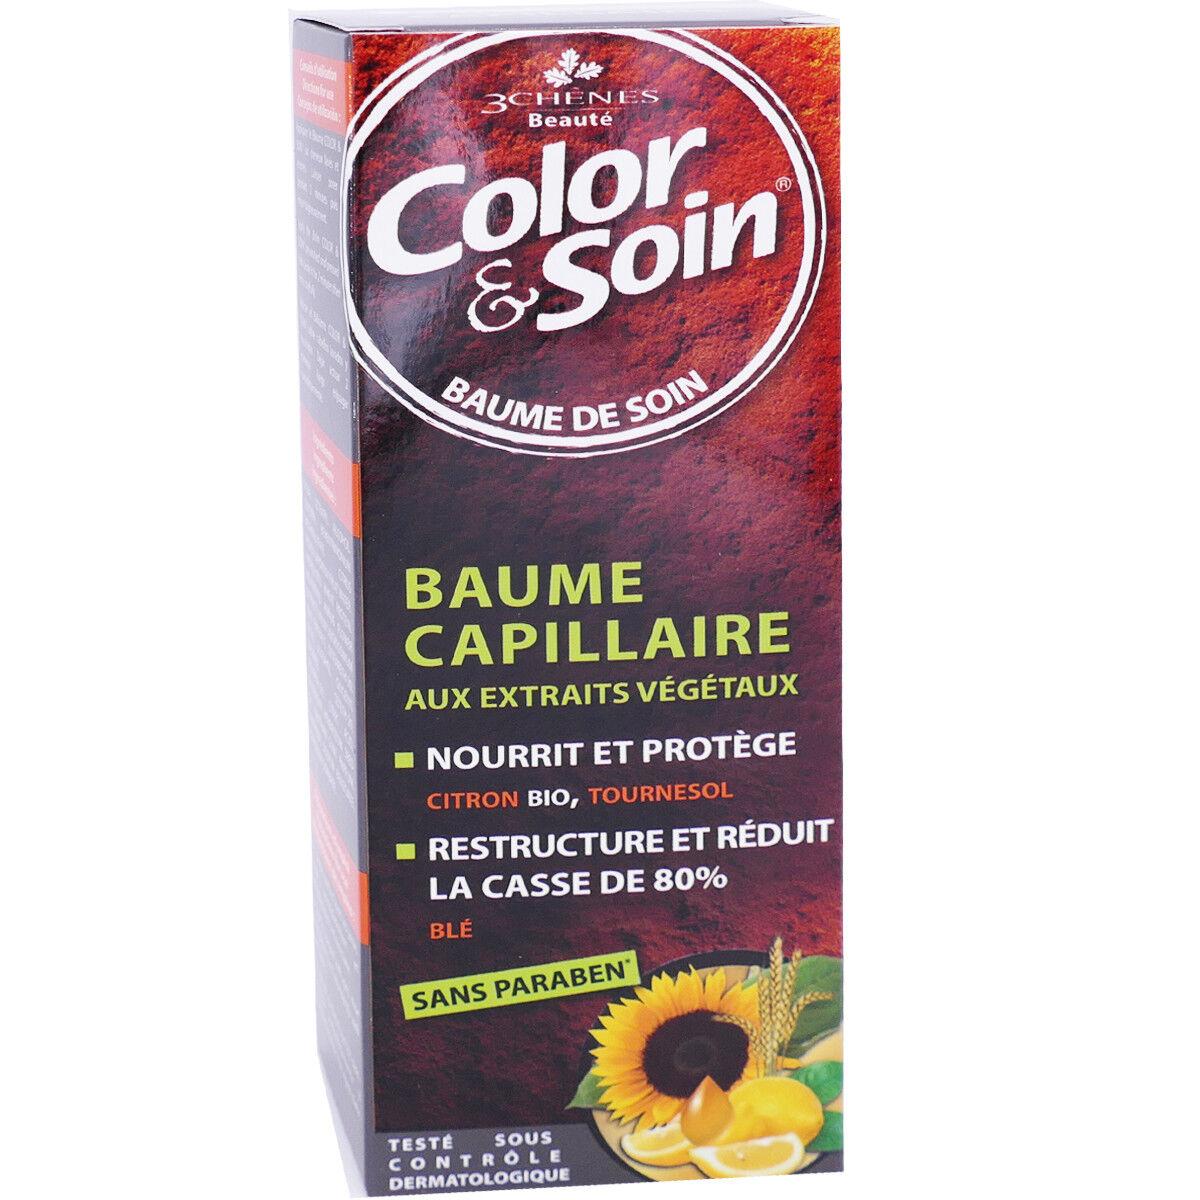 LES 3 CHENES 3 chenes baume capillaire citron bio tournesol 250ml